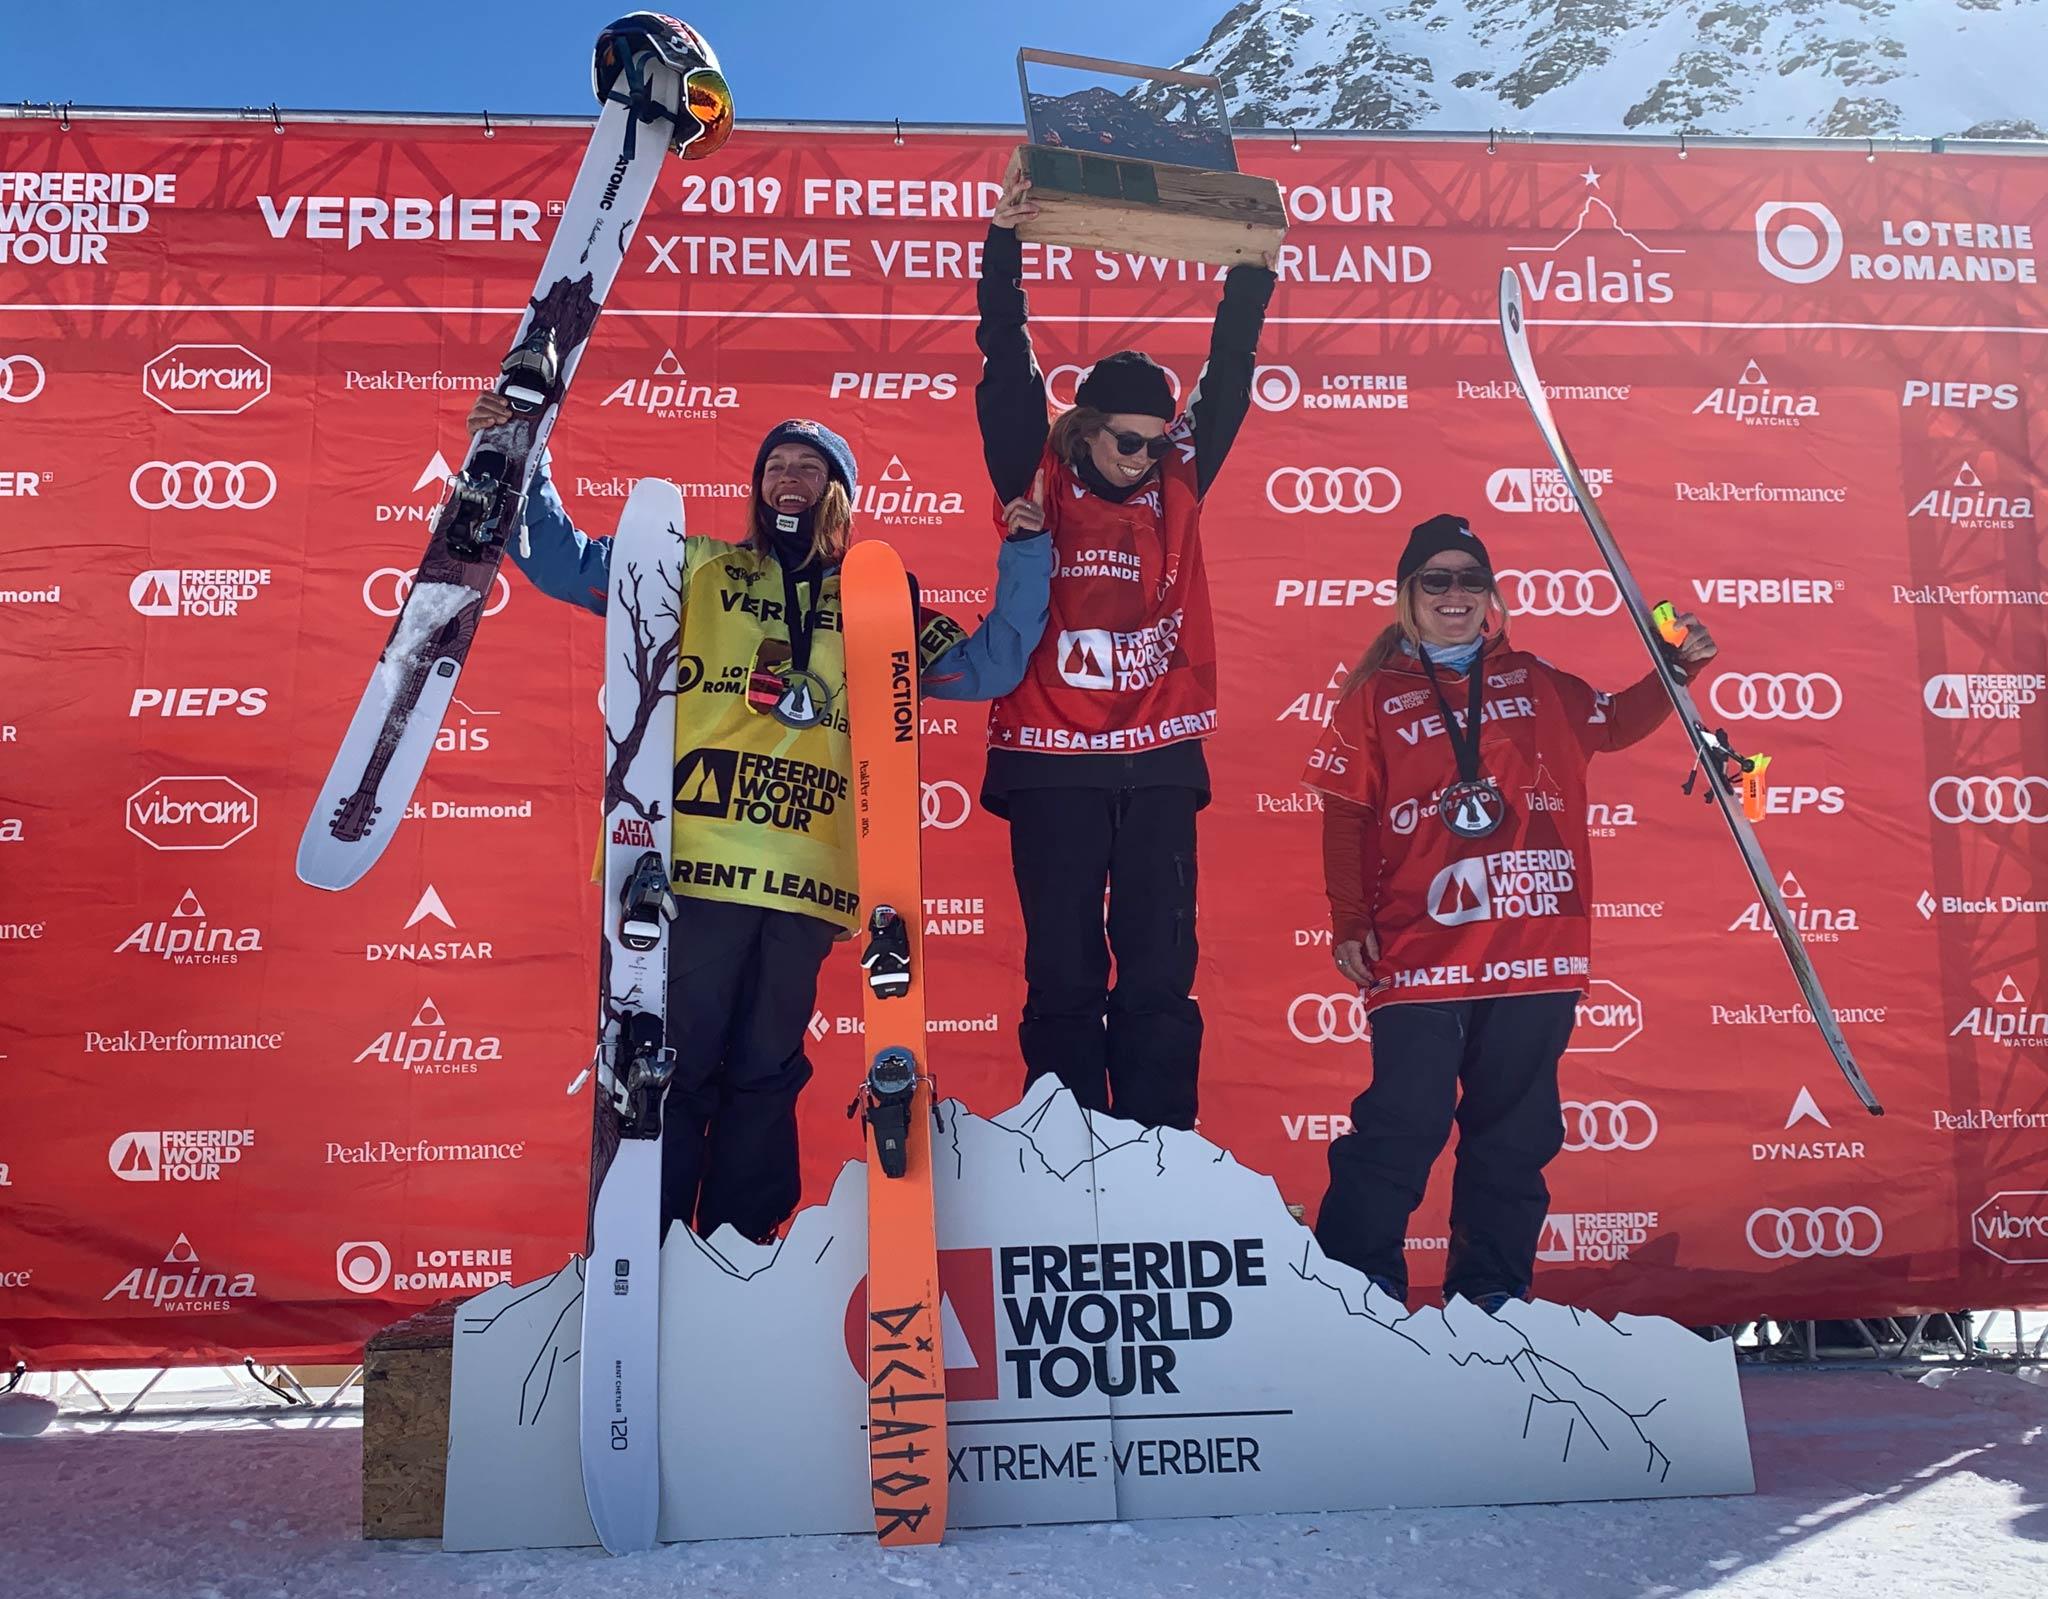 Die drei besten Frauen beim letzten Contest der Freeride World Tour 2019 in Verbier (Schweiz): Arianna Tricomi (ITA), Elisabeth Gerritzen (SUI) & Hazel Birnbaum (USA) - Foto: freerideworldtour.com